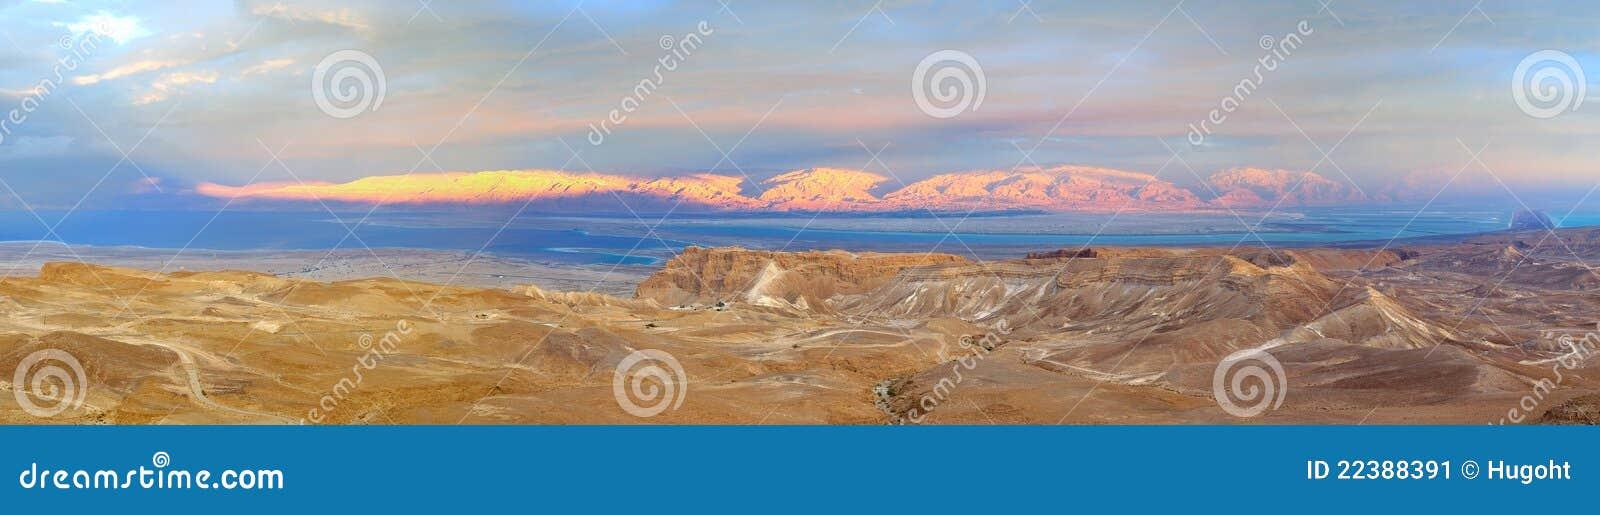 Dött israel masadahav